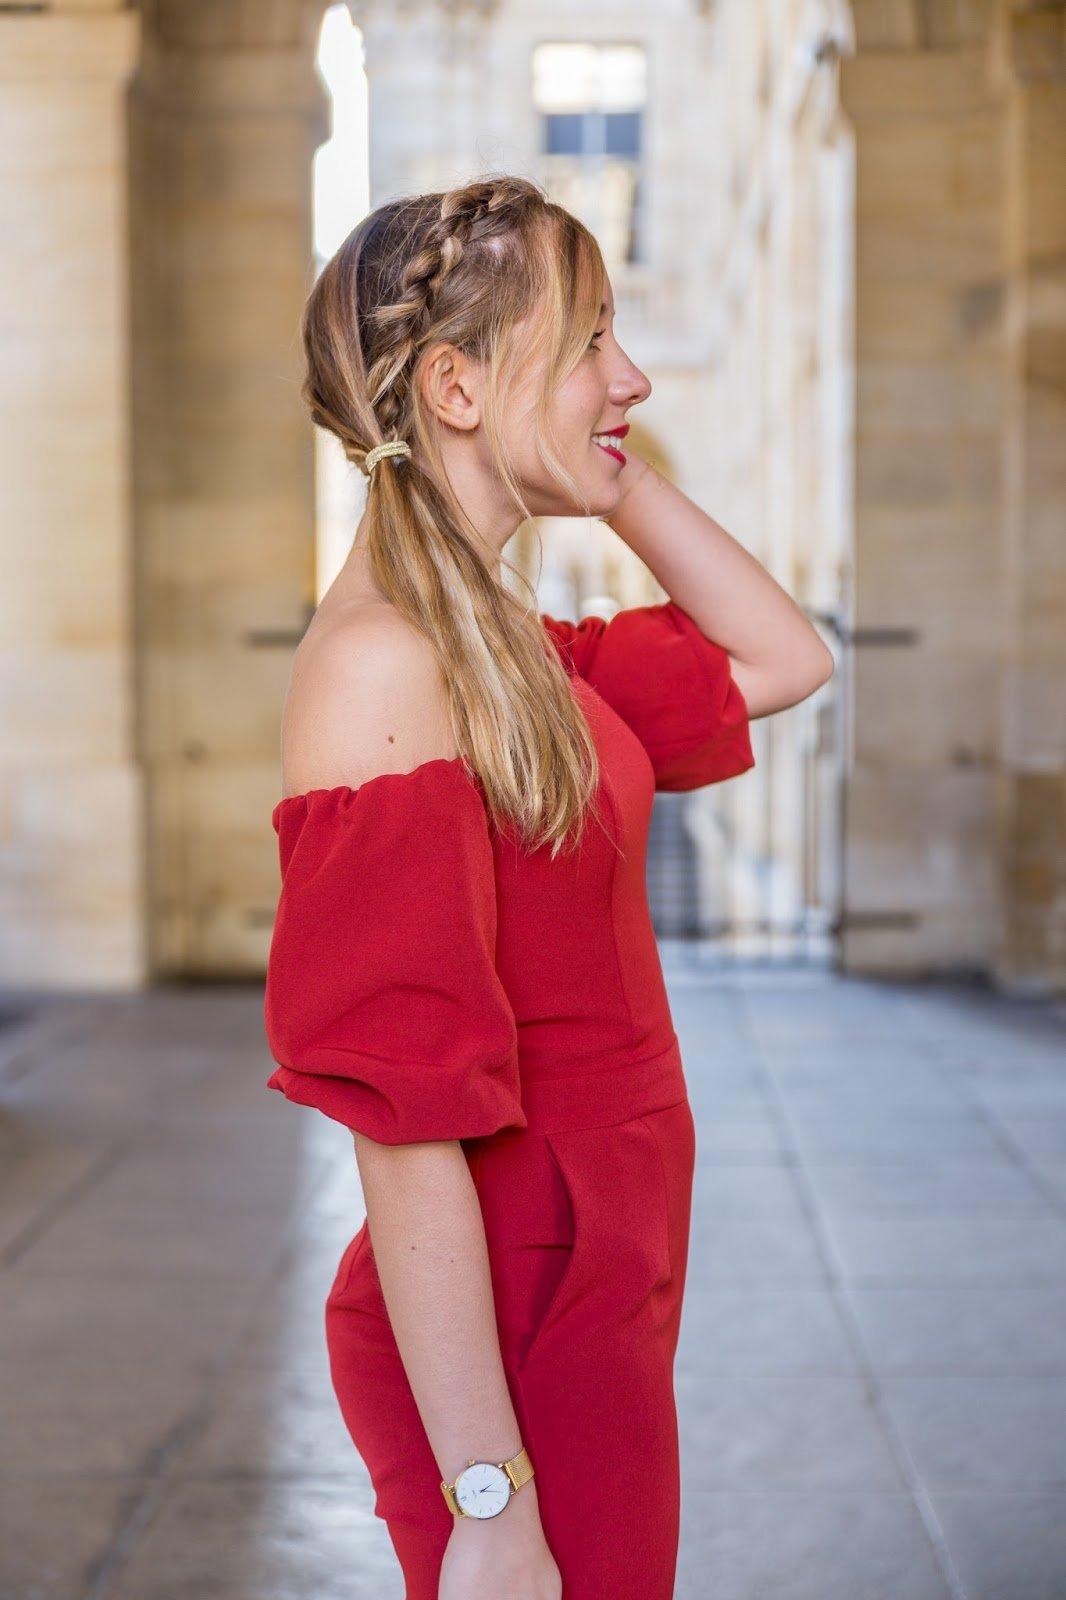 porter du rouge pour les fêtes